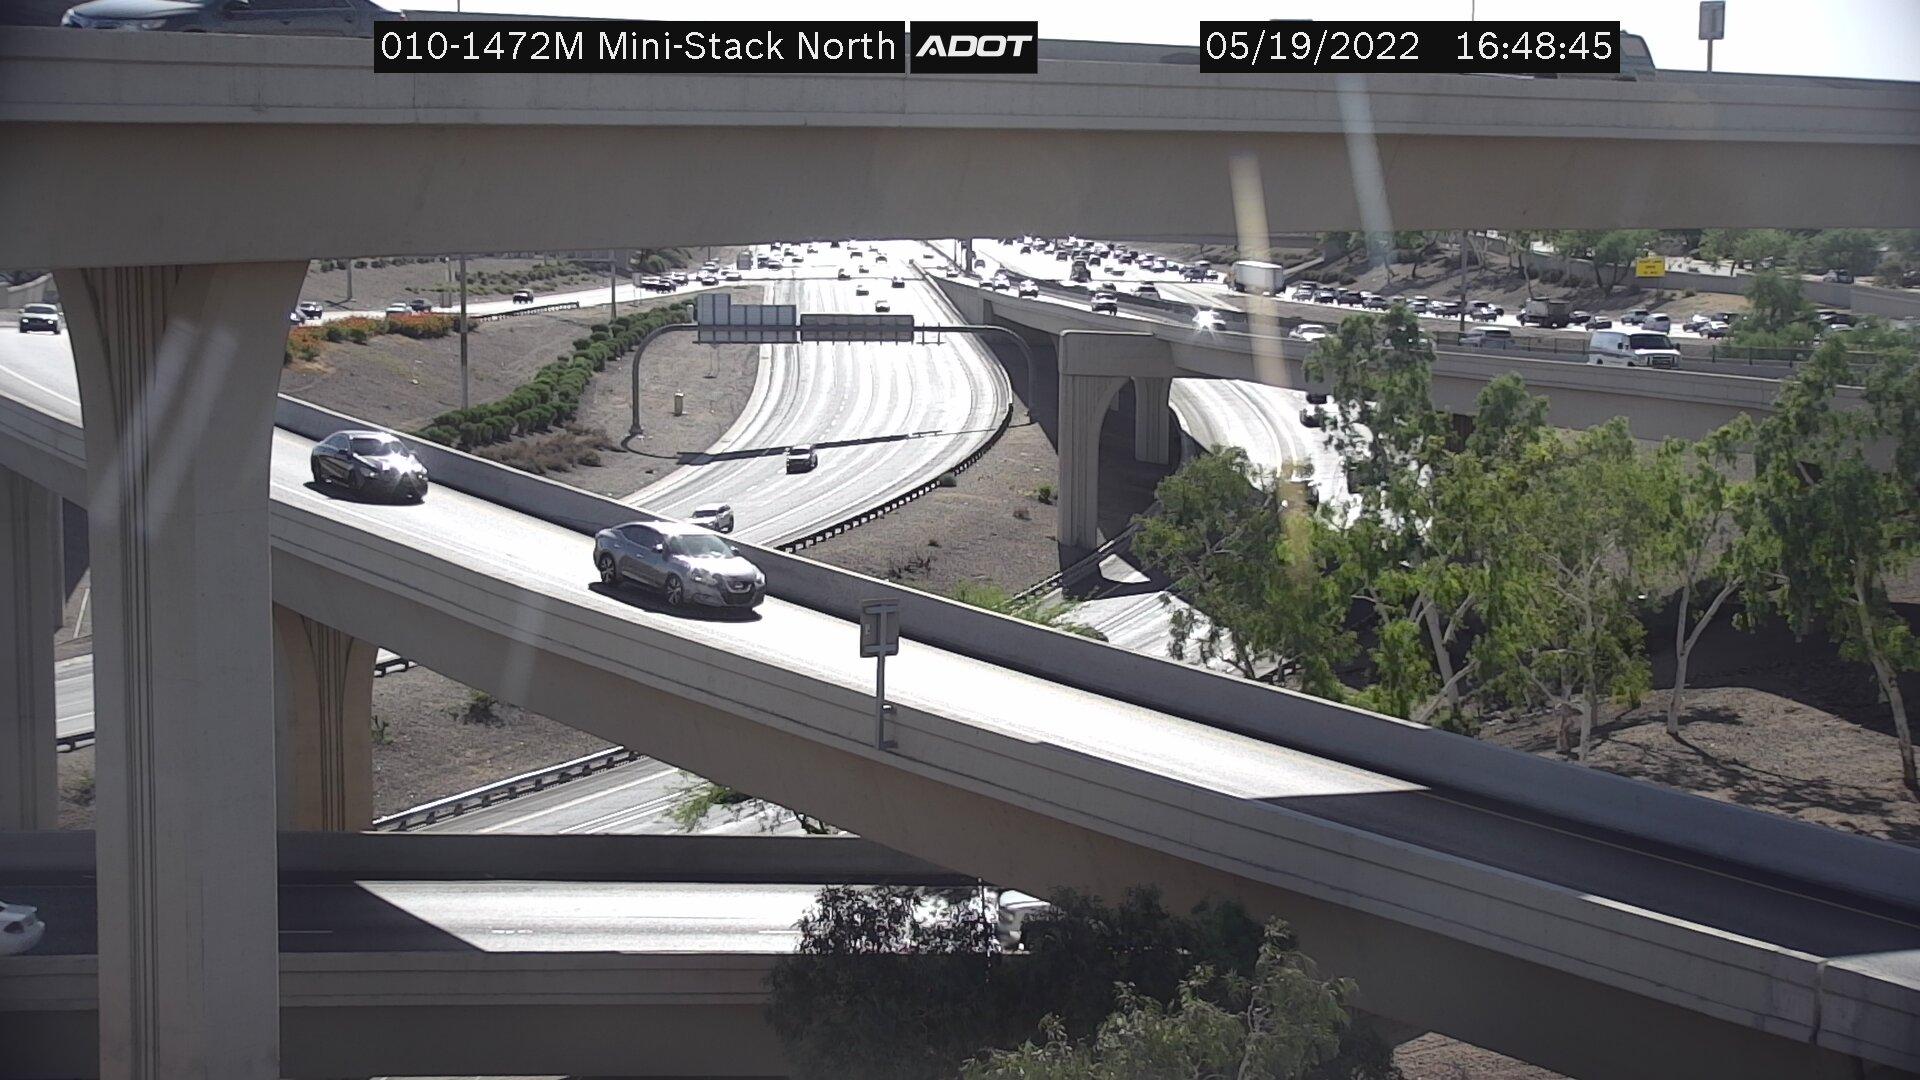 Mini-Stack--@ N M (I10) (022) - Phoenix and Arizona